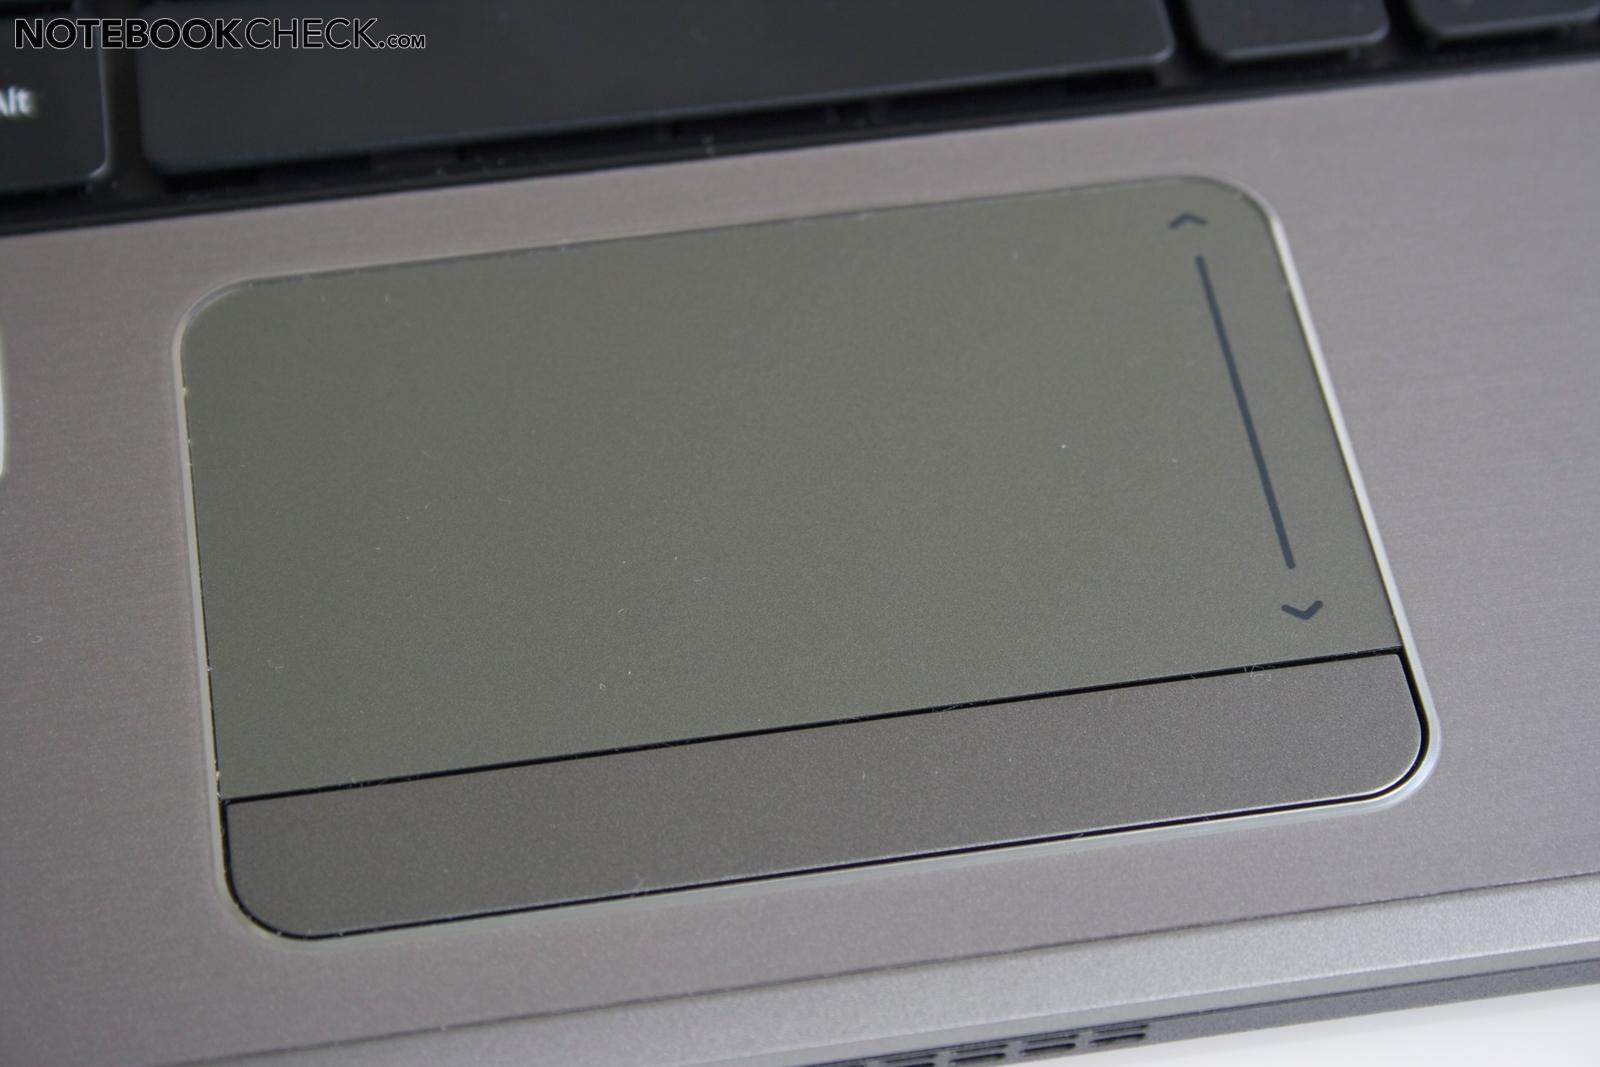 Acer Aspire 5625G Broadcom WLAN Windows 8 X64 Treiber